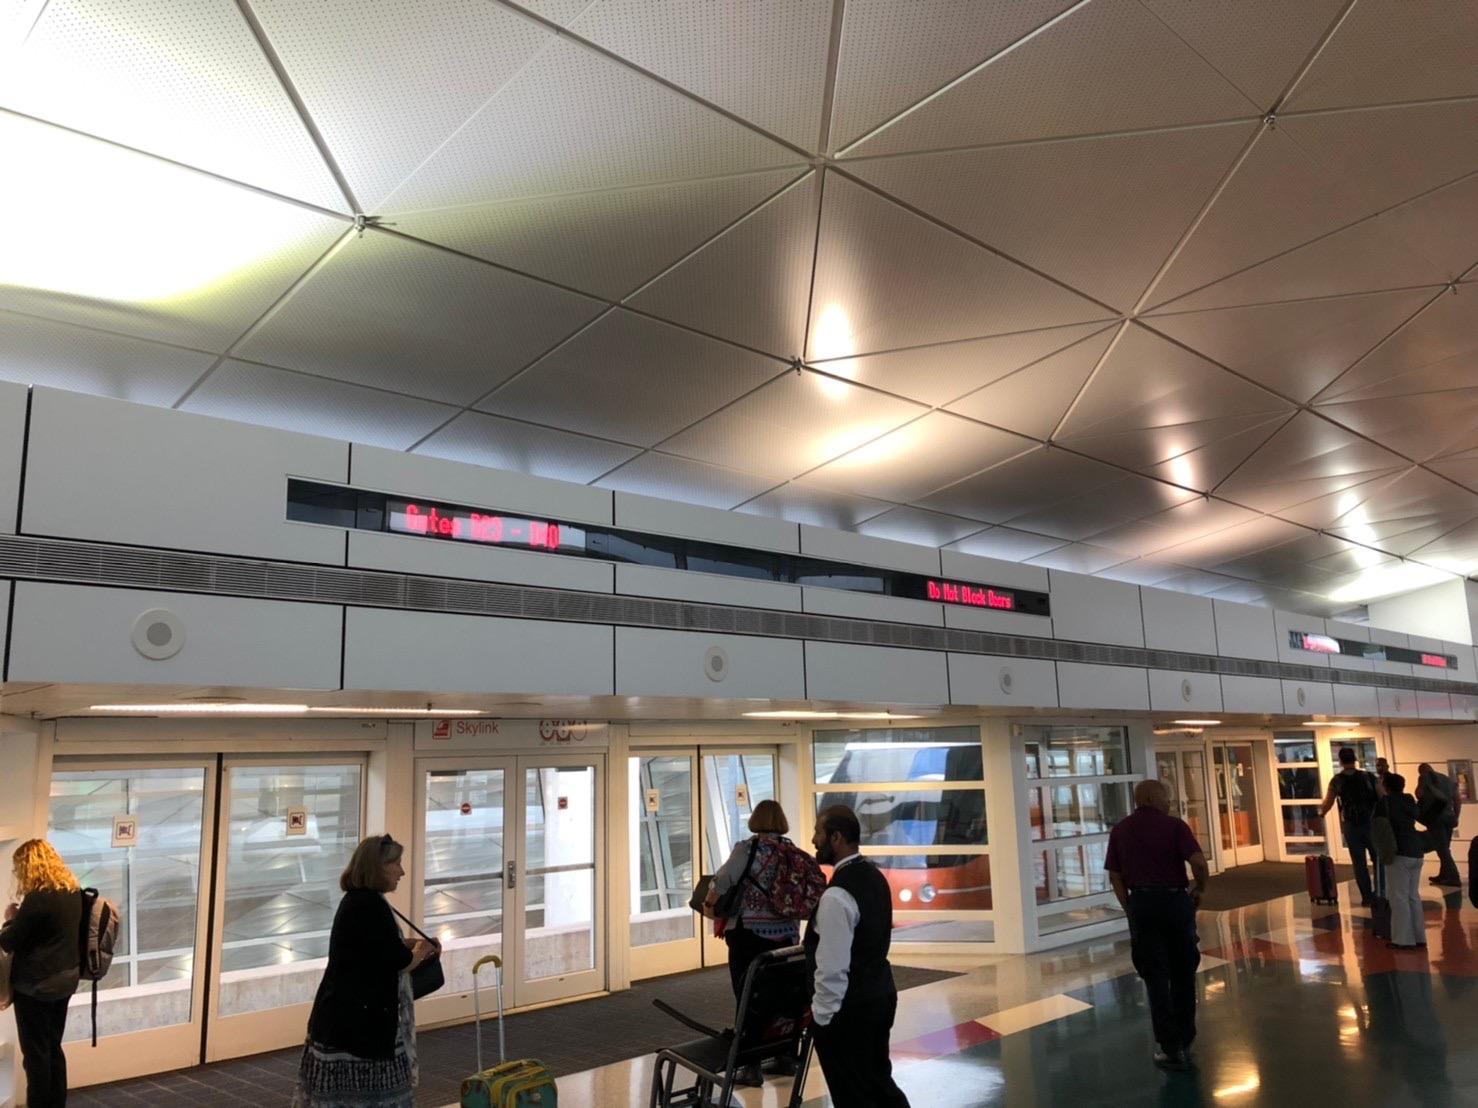 ダラス国際空港 スカリンク